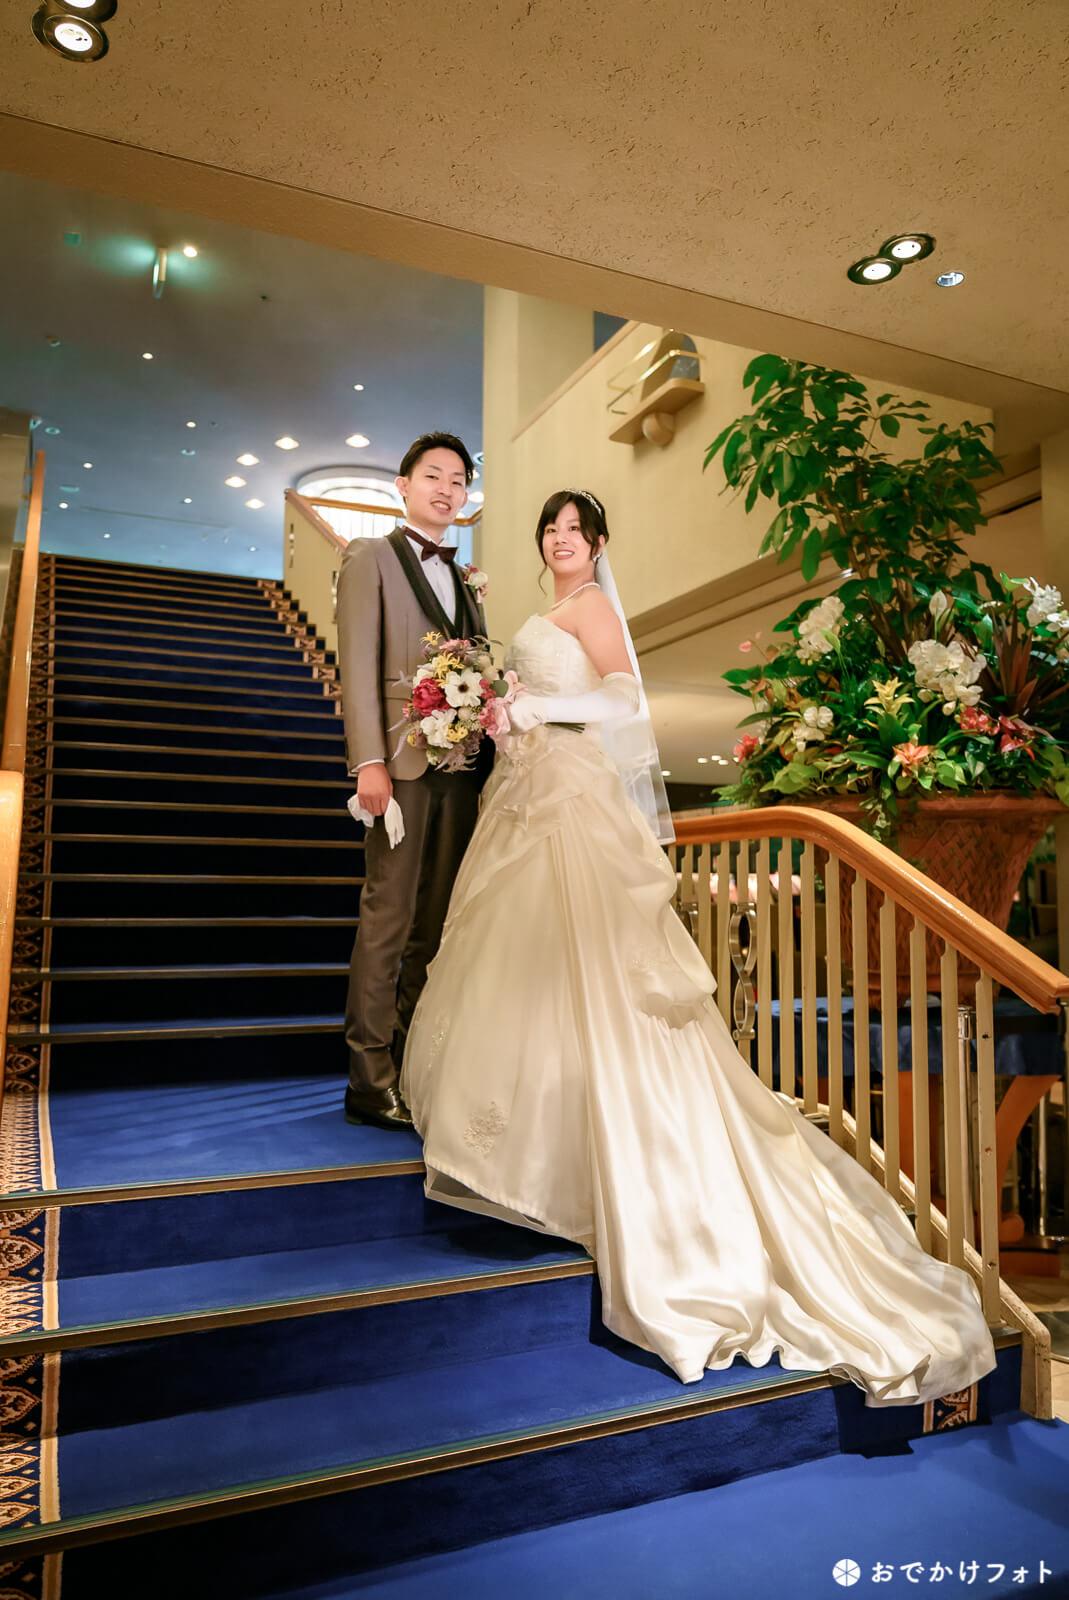 ウェディング、結婚式の出張撮影